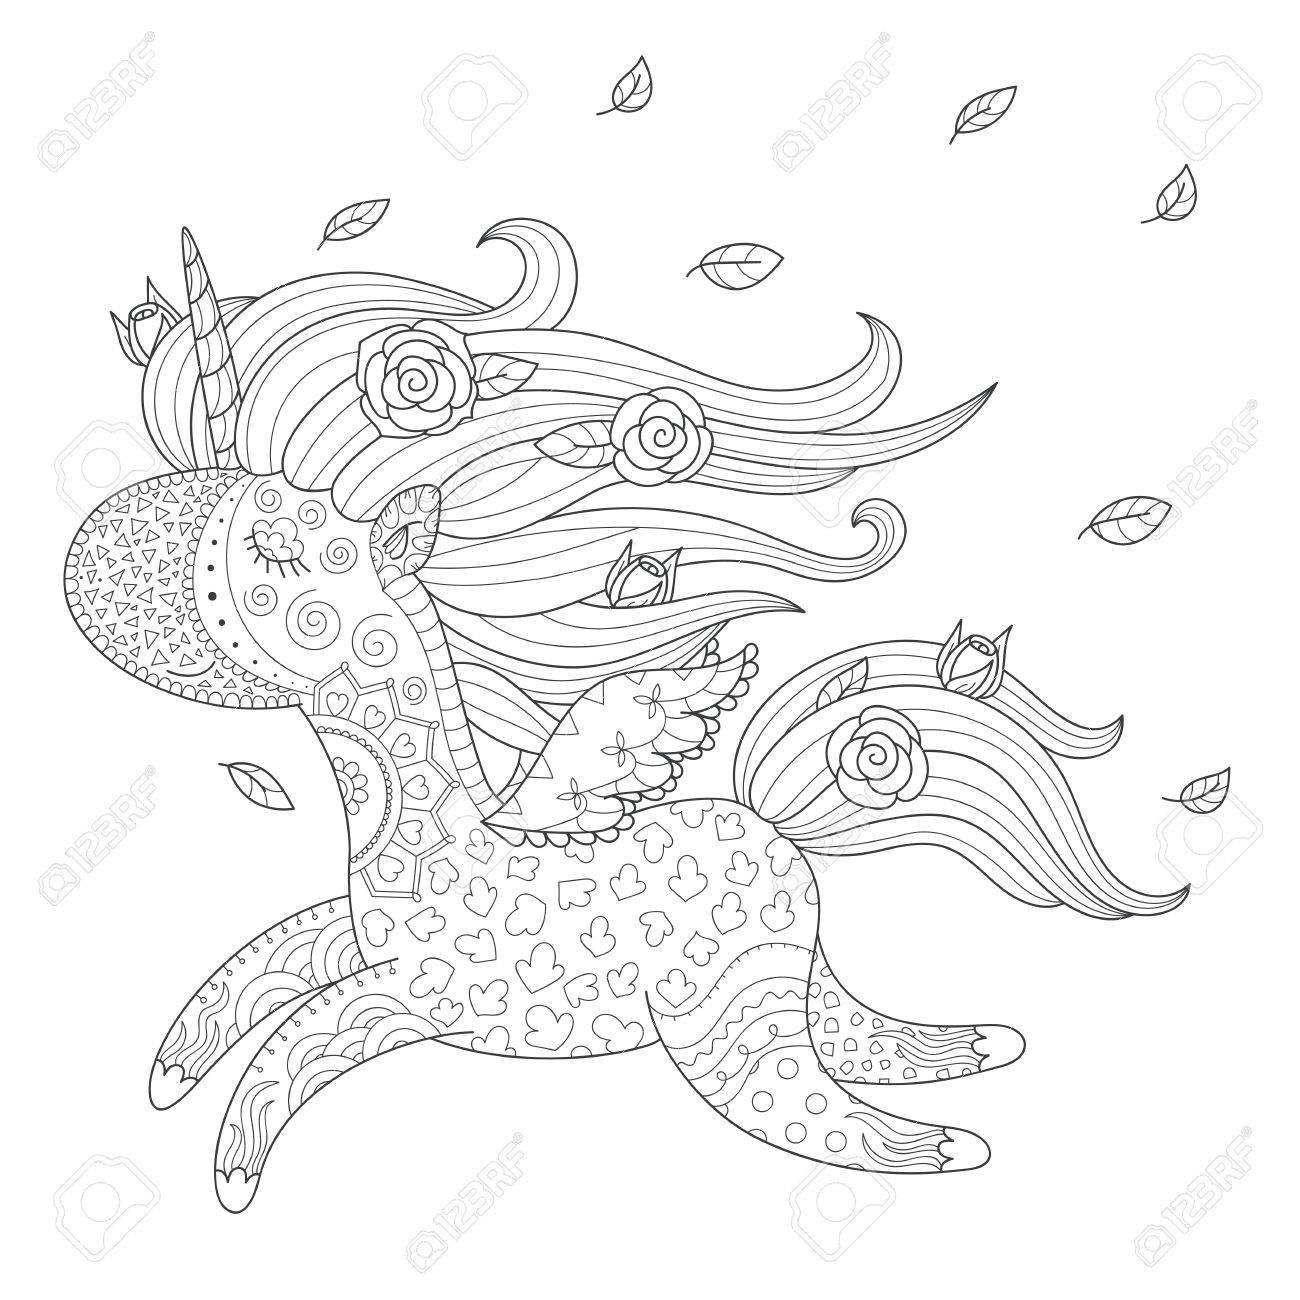 Único Charlotte Web Para Colorear Viñeta - Dibujos de Animales para ...